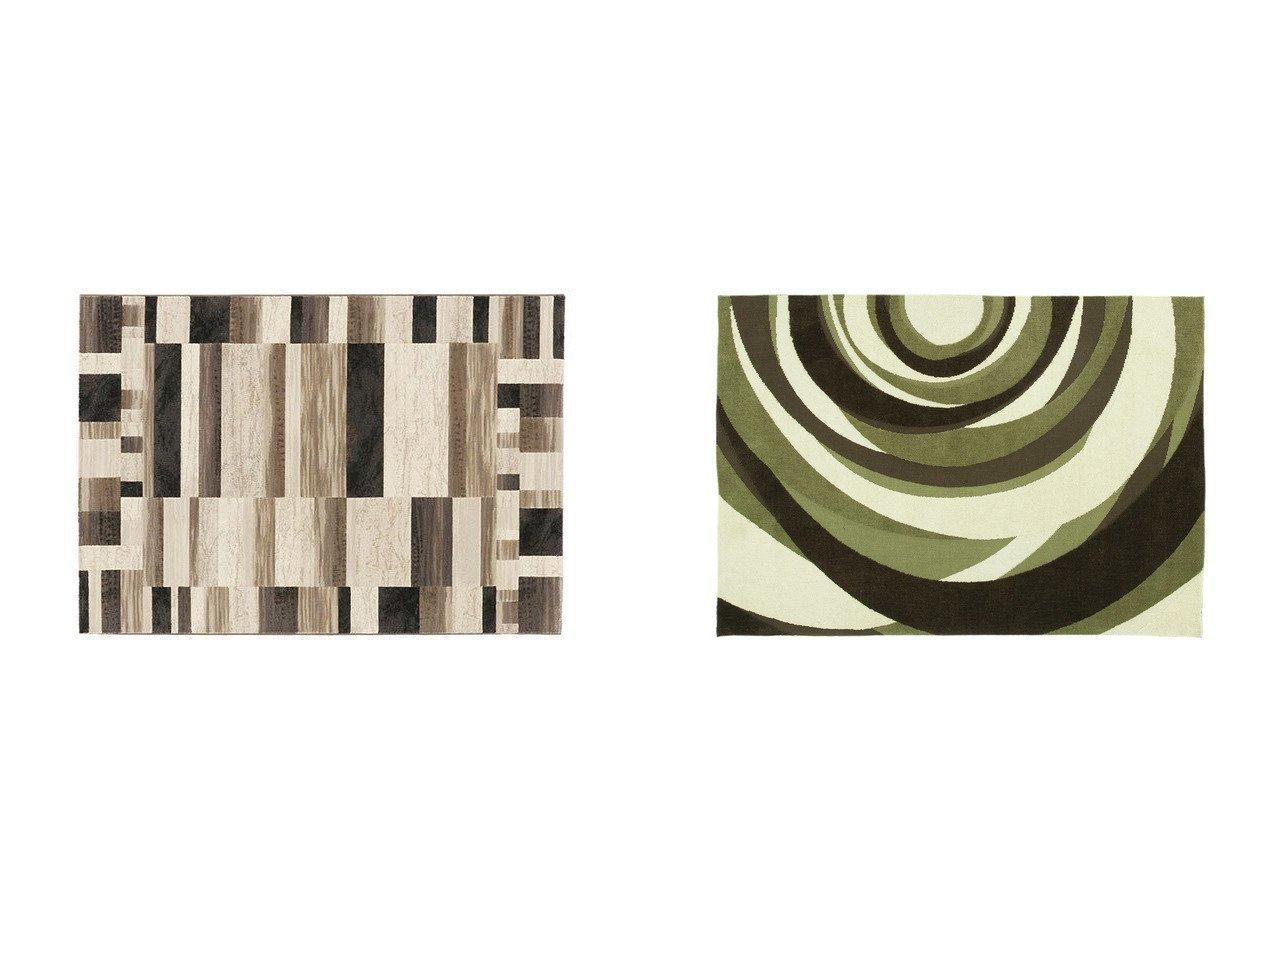 【FLYMEe Factory/フライミー ファクトリー】のラグ f596&ラグ n7350 【ラグ・絨毯・カーペット お家時間 FURNITURE】おすすめ!人気、インテリア雑貨・家具の通販 おすすめで人気の流行・トレンド、ファッションの通販商品 インテリア・家具・メンズファッション・キッズファッション・レディースファッション・服の通販 founy(ファニー) https://founy.com/ 送料無料 Free Shipping グラデーション パターン 冬 Winter |ID:crp329100000054340